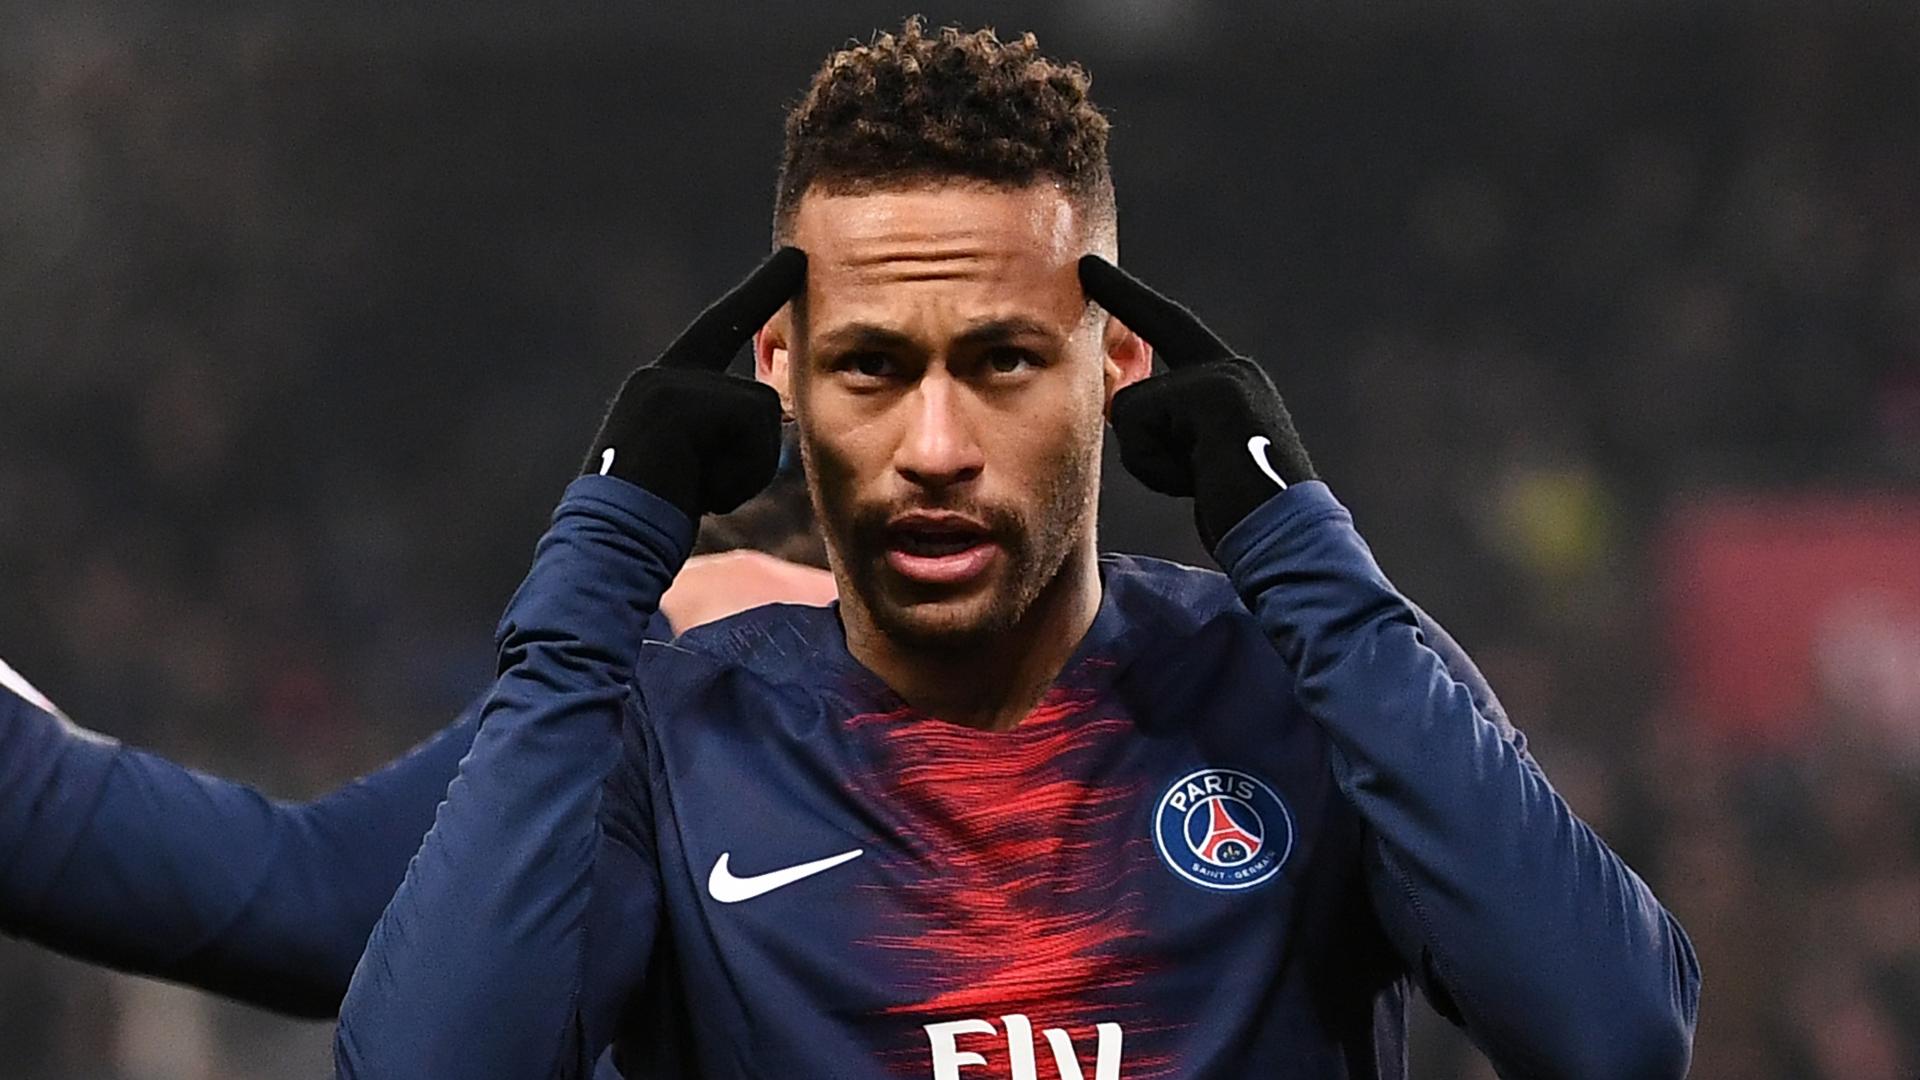 Mercato - PSG : L'avenir de Neymar est entre ses mains pour un retour au Barça